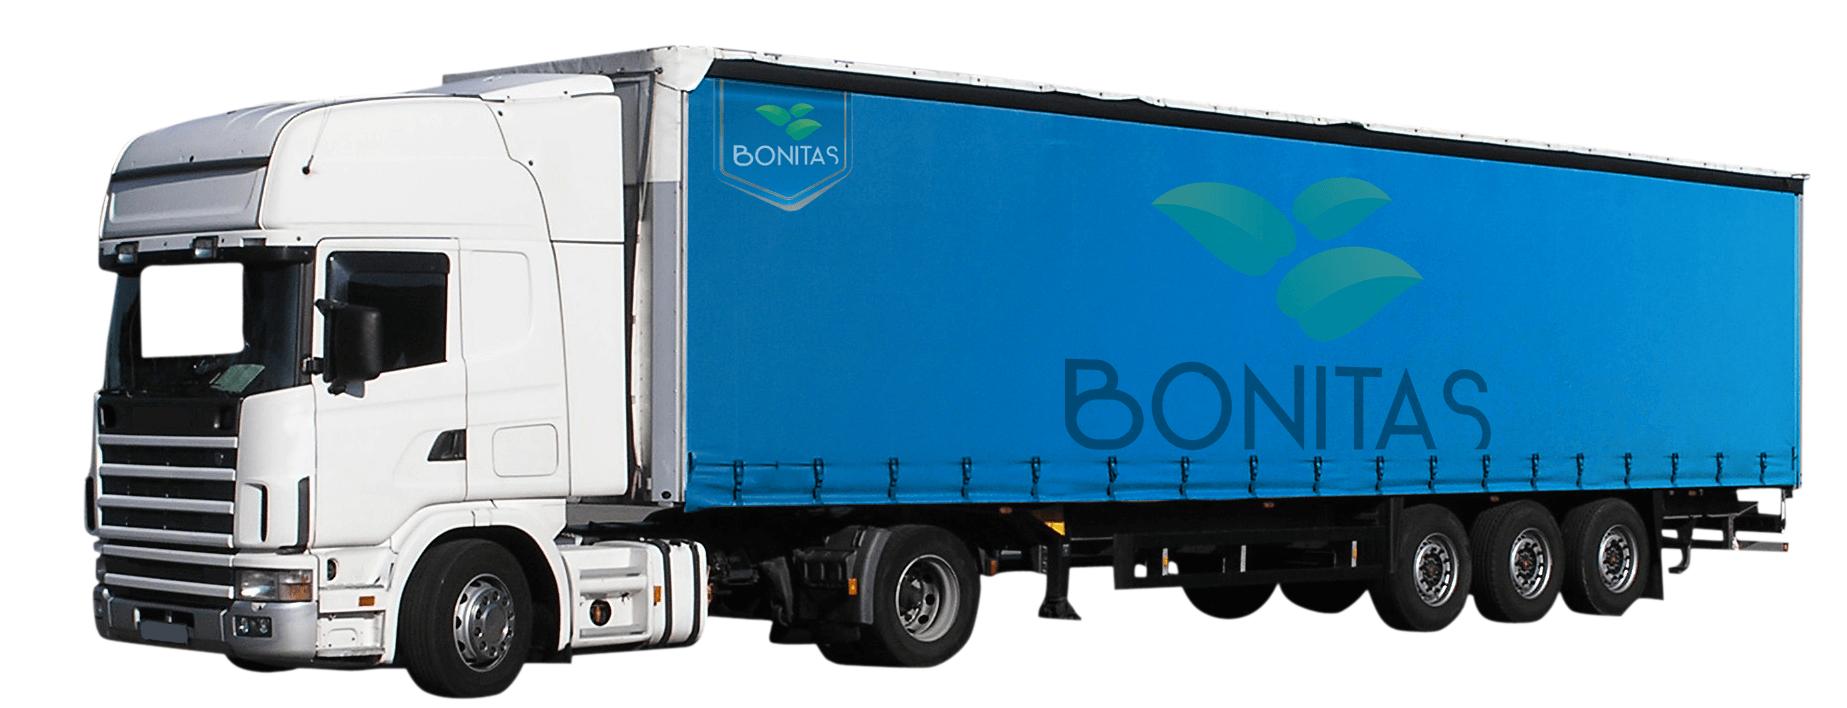 Bonitas truck